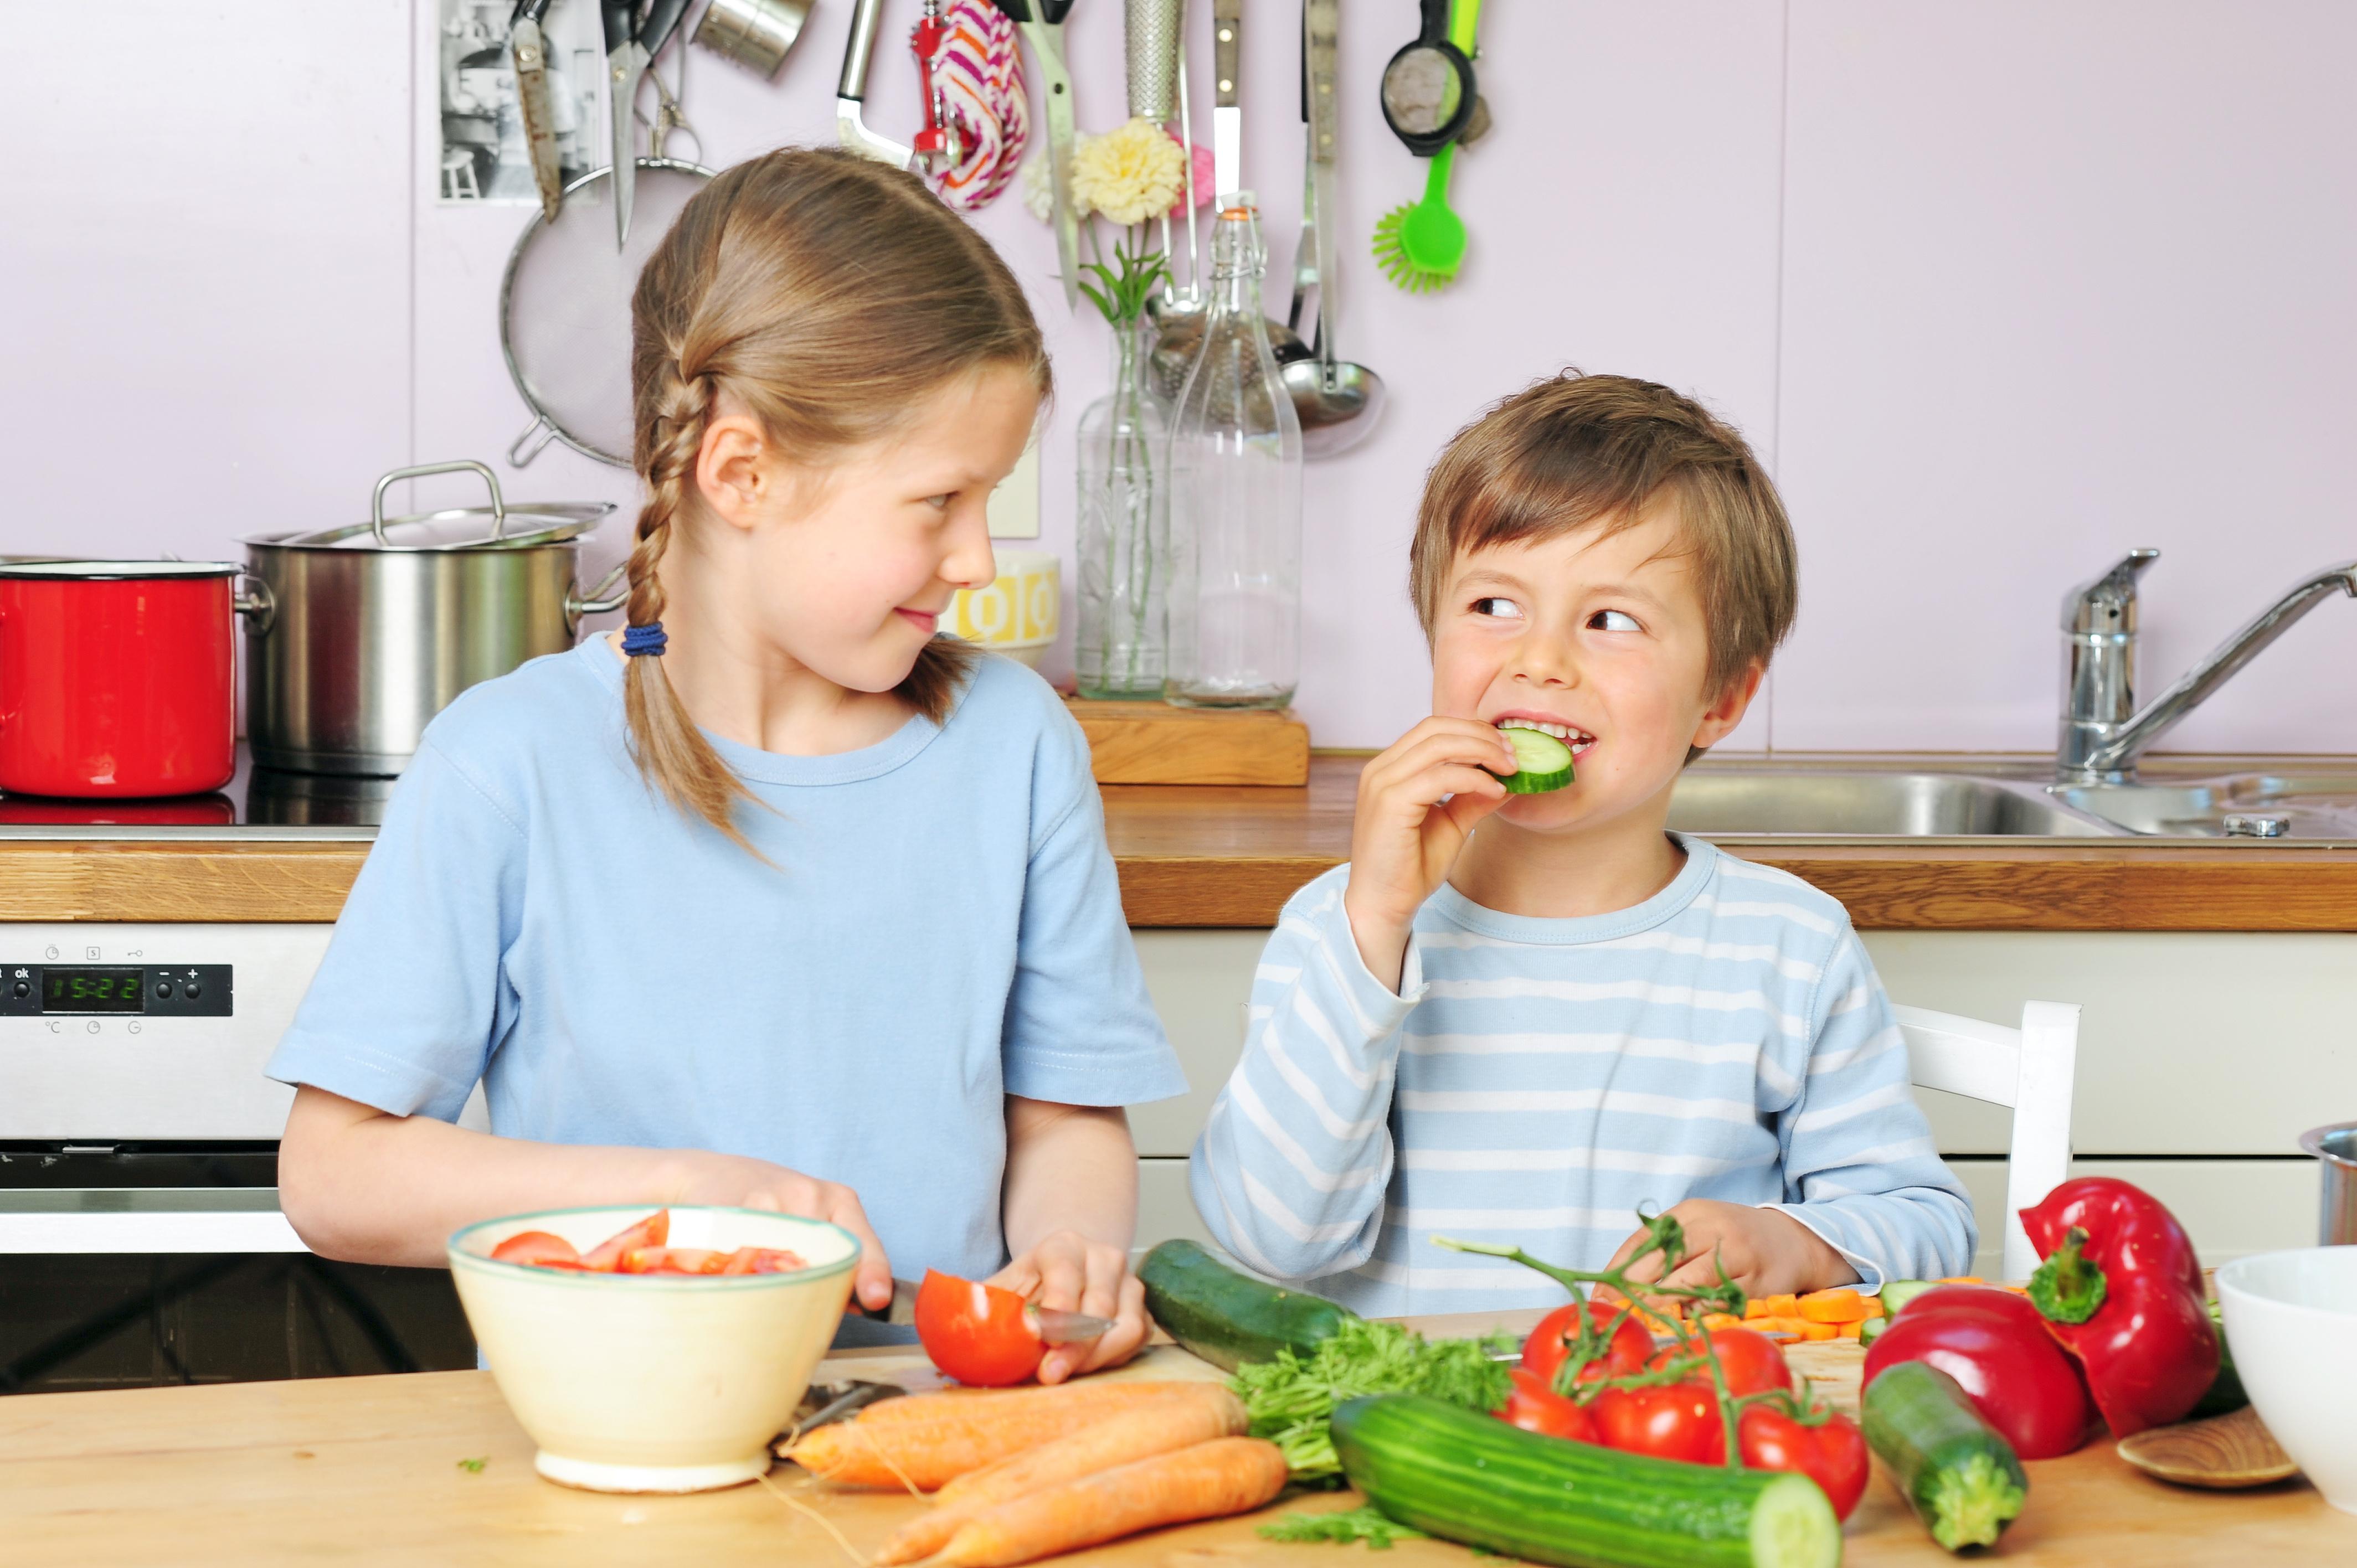 Erfahren Sie mehr wie eine Neurodermitis durch die Ernährung beeinflusst wird